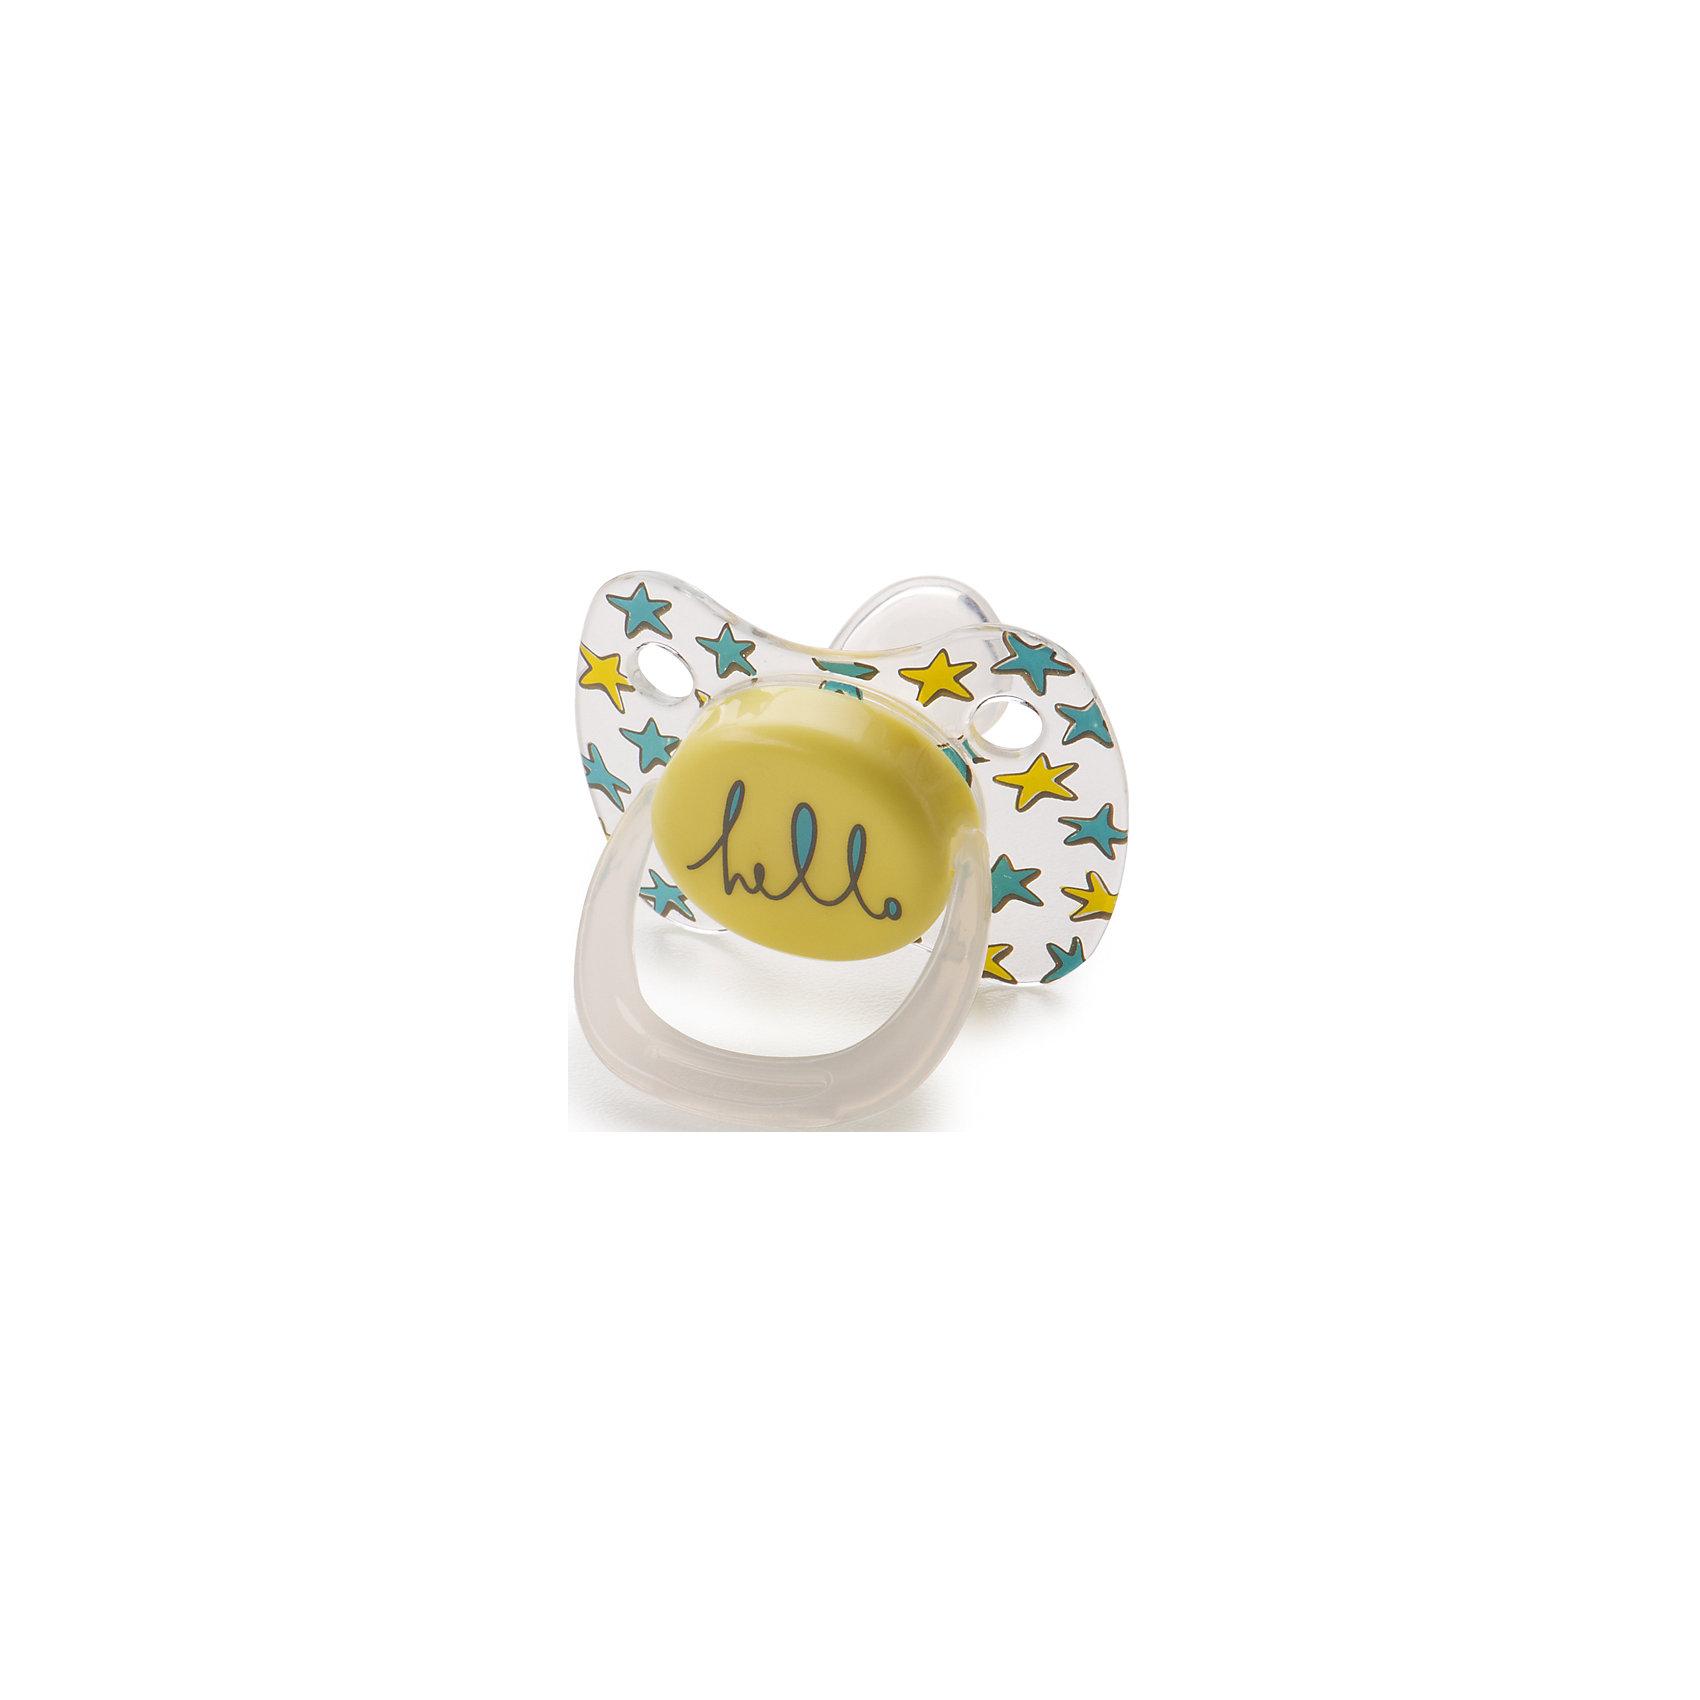 Соска-пустышка ортодонтической формы с колпачком, с 0 мес., Happy Baby, жёлтыйПустышки из силикона<br>Соска-пустышка ортодонтической формы с колпачком, с 0 мес.,  от торговой марки «Happy Baby», жёлтый комфортна в использовании. Пустышка удобна в использовании: ее можно легко прицепить на клипсу за кольцо. Аккуратная форма соска обеспечивает Малышу удобство и комфорт.Форма нагубника с симметрично расположенными отверстиями обеспечивает свободное дыхание и предотвращает раздражение кожи. В комплект входит колпачок. Форма: скошенный сосок.<br><br>Дополнительная информация:<br><br>-силиконовая пустышка симметричной формы<br>- вентиляционные отверстия в носогубнике<br>- симметричная форма носогубника<br>- яркий и стильный дизайн<br>- колпачок в комплекте<br>- материал: тритан, полипропилен, силикон.<br>- форма: классическая<br>- особенности: не содержит бисфенол А, с вентиляционной системой<br>- размеры: 55* 50 *40 мм<br>- размер упаковки: 5*6,3*13,5 см.<br>- состав: соска-пустышка, колпачок<br>- вес в упаковке, 35 г<br><br>Соску-пустышку ортодонтической формы с колпачком, с 0 мес., Happy Baby, жёлтый можно купить в нашем интернет-магазине.<br><br>Ширина мм: 50<br>Глубина мм: 65<br>Высота мм: 135<br>Вес г: 45<br>Возраст от месяцев: 0<br>Возраст до месяцев: 12<br>Пол: Унисекс<br>Возраст: Детский<br>SKU: 4696817